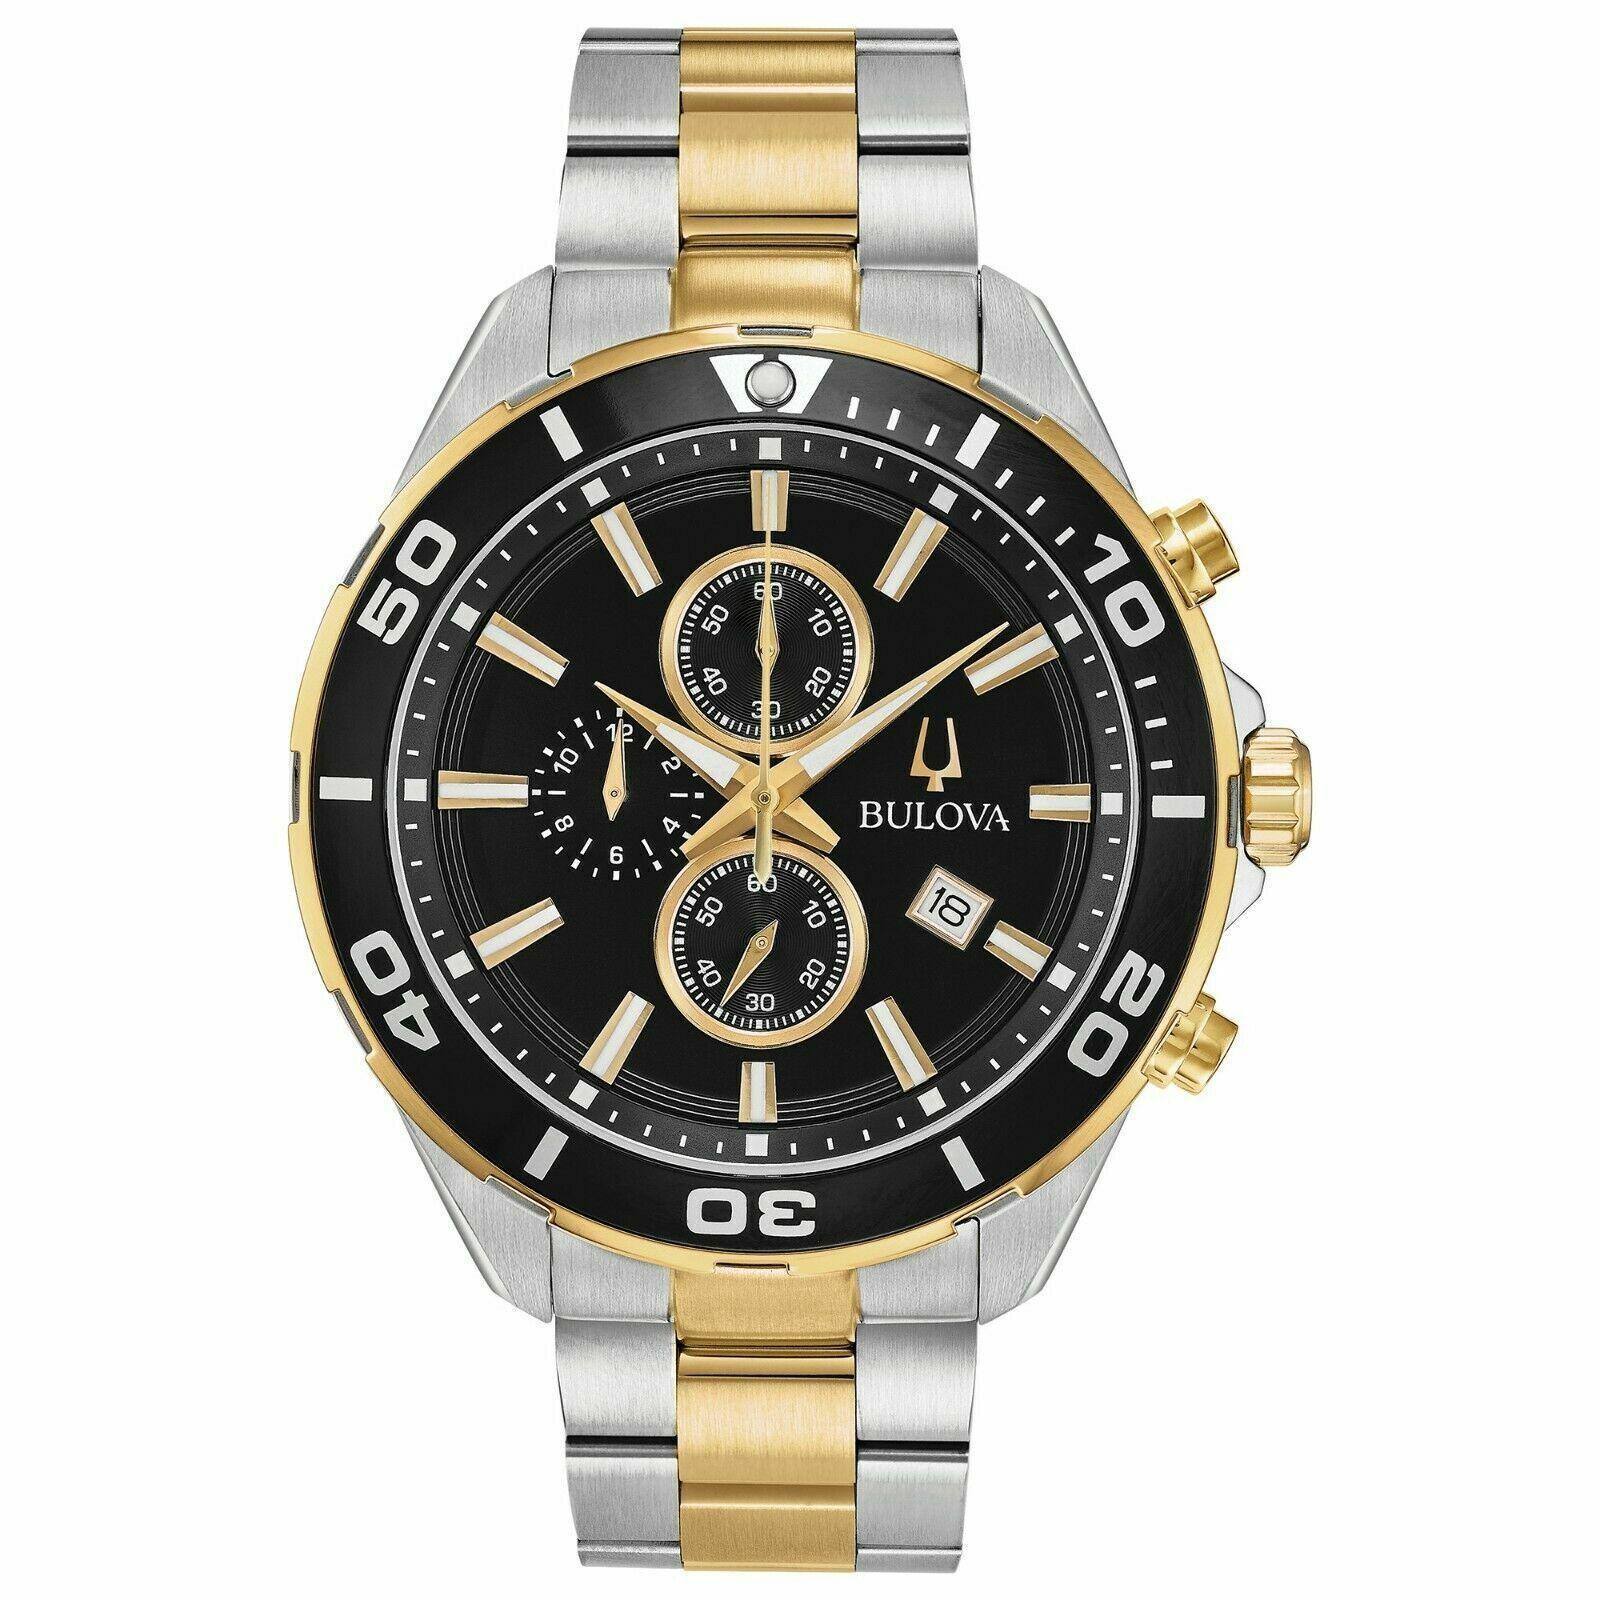 New Bulova Men's Black Chronograph Two-Tone Bracelet Watch 9